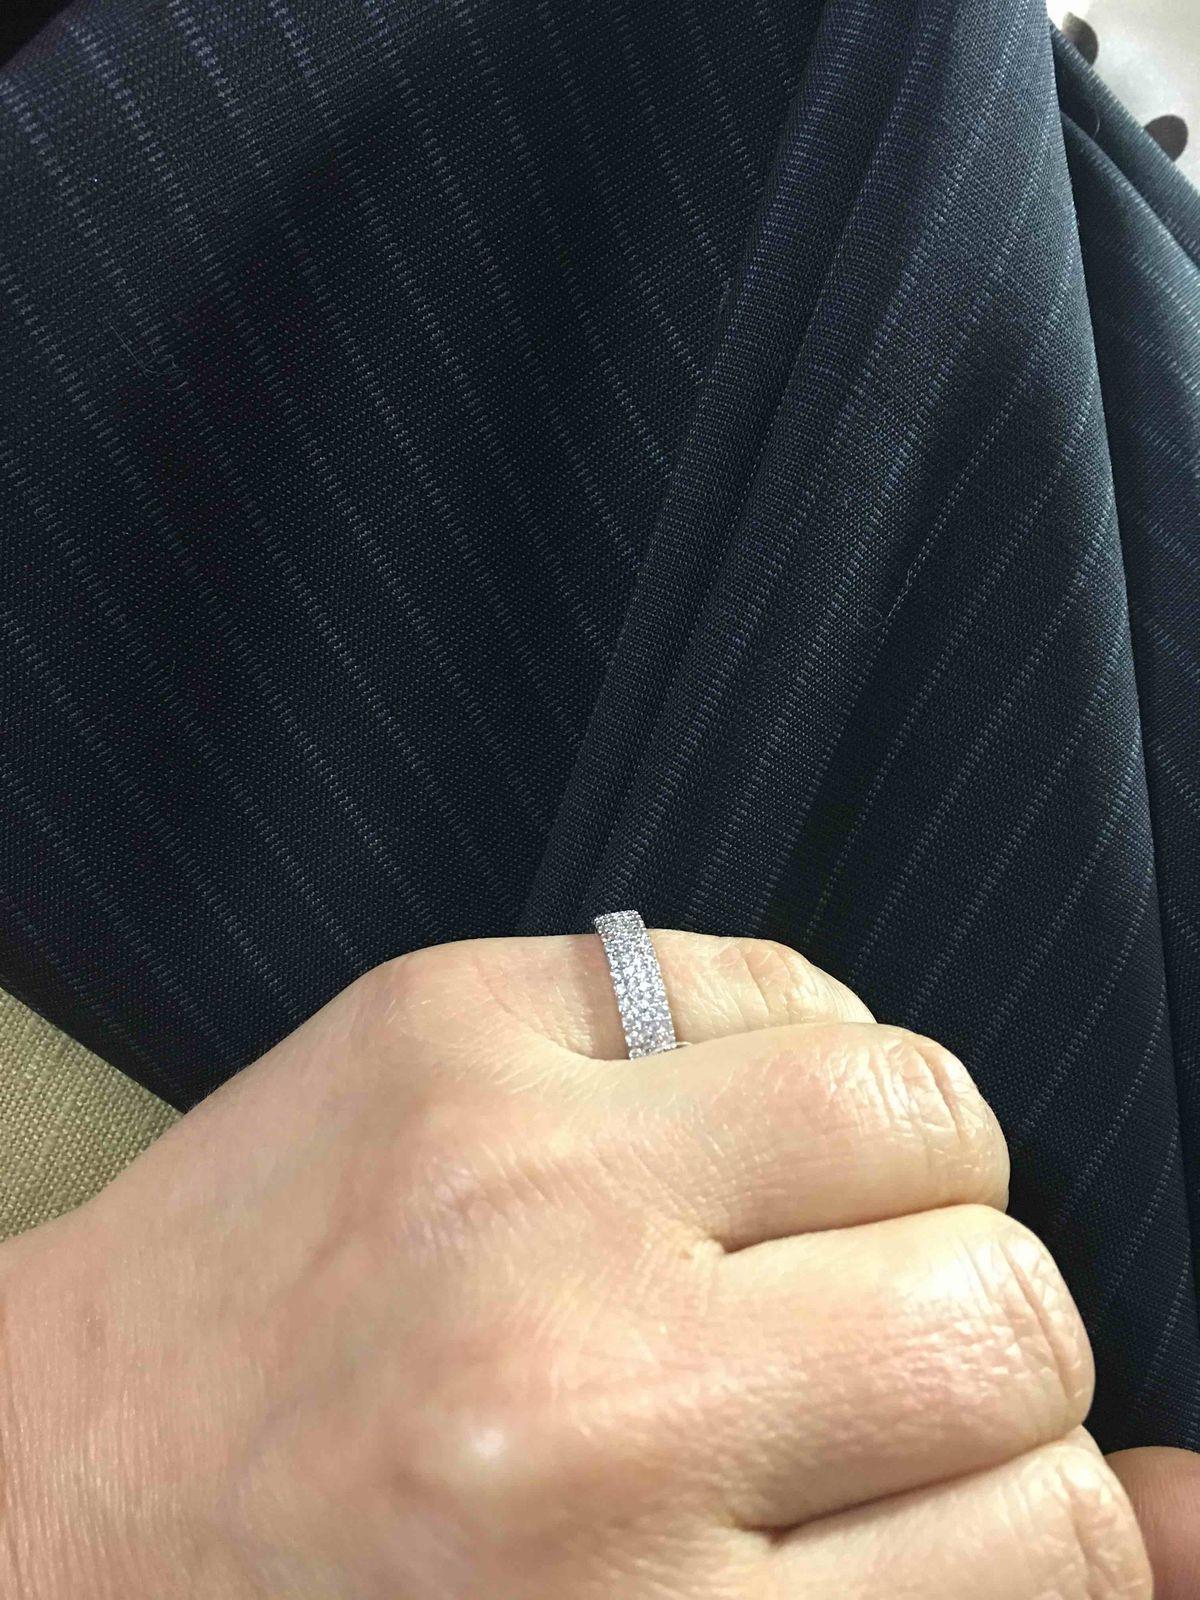 Кольцо в подарок невесте